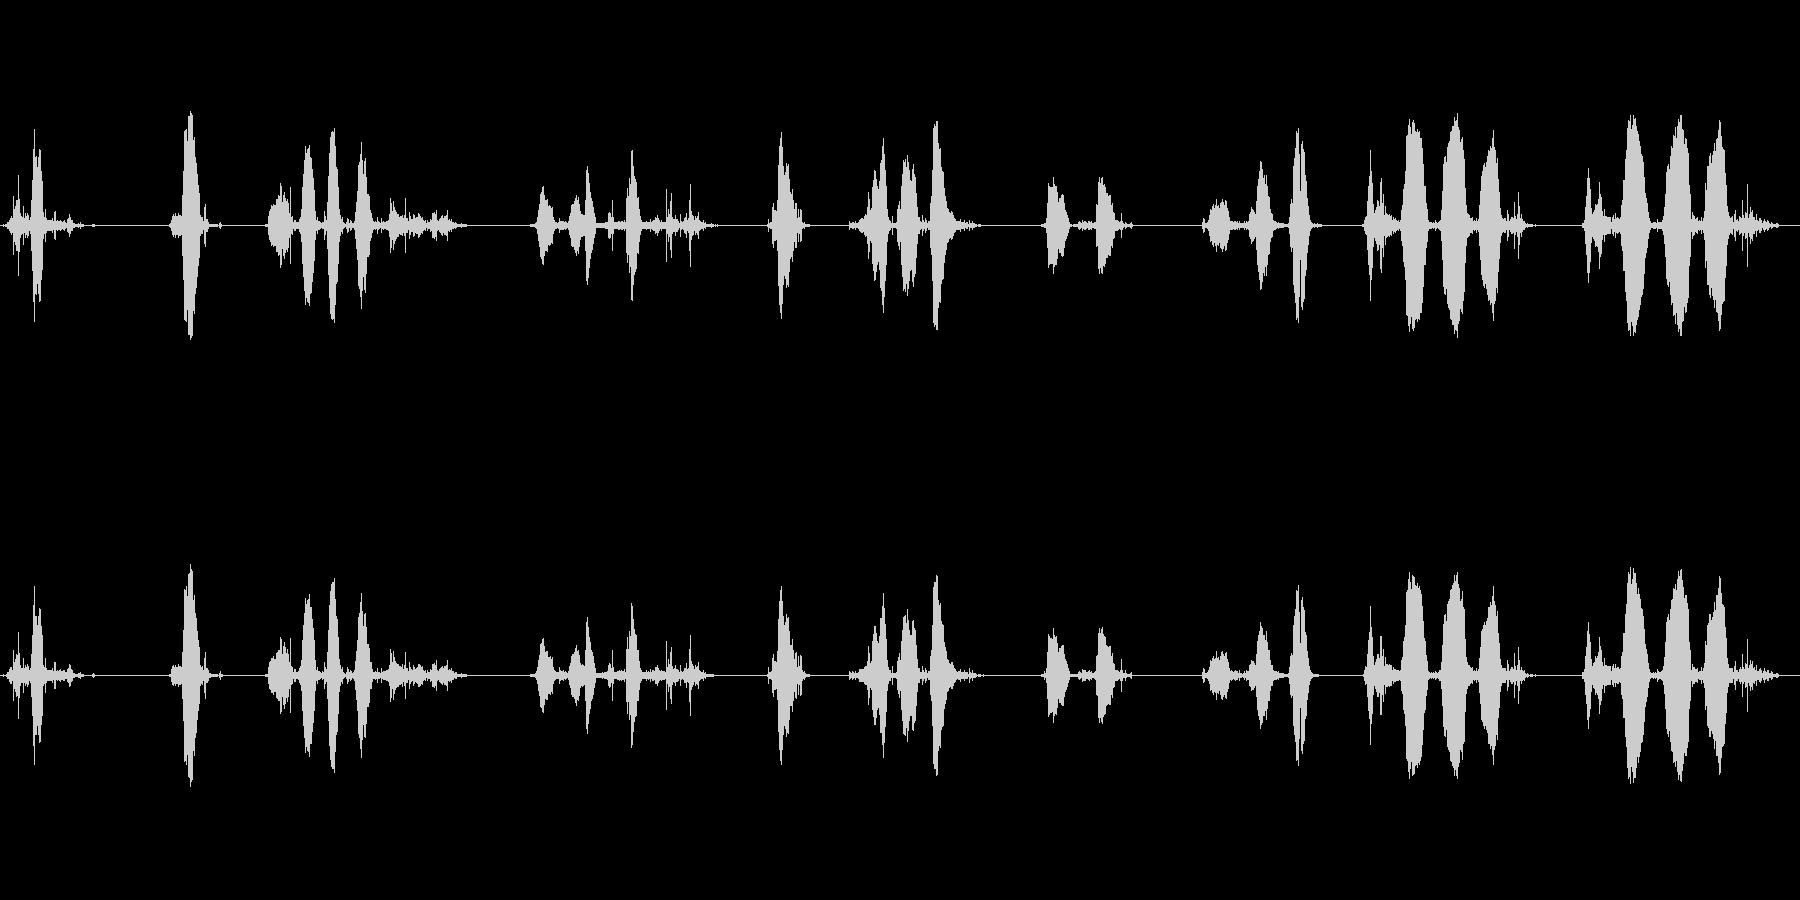 さまざまな別の鳴き声W / WAV...の未再生の波形